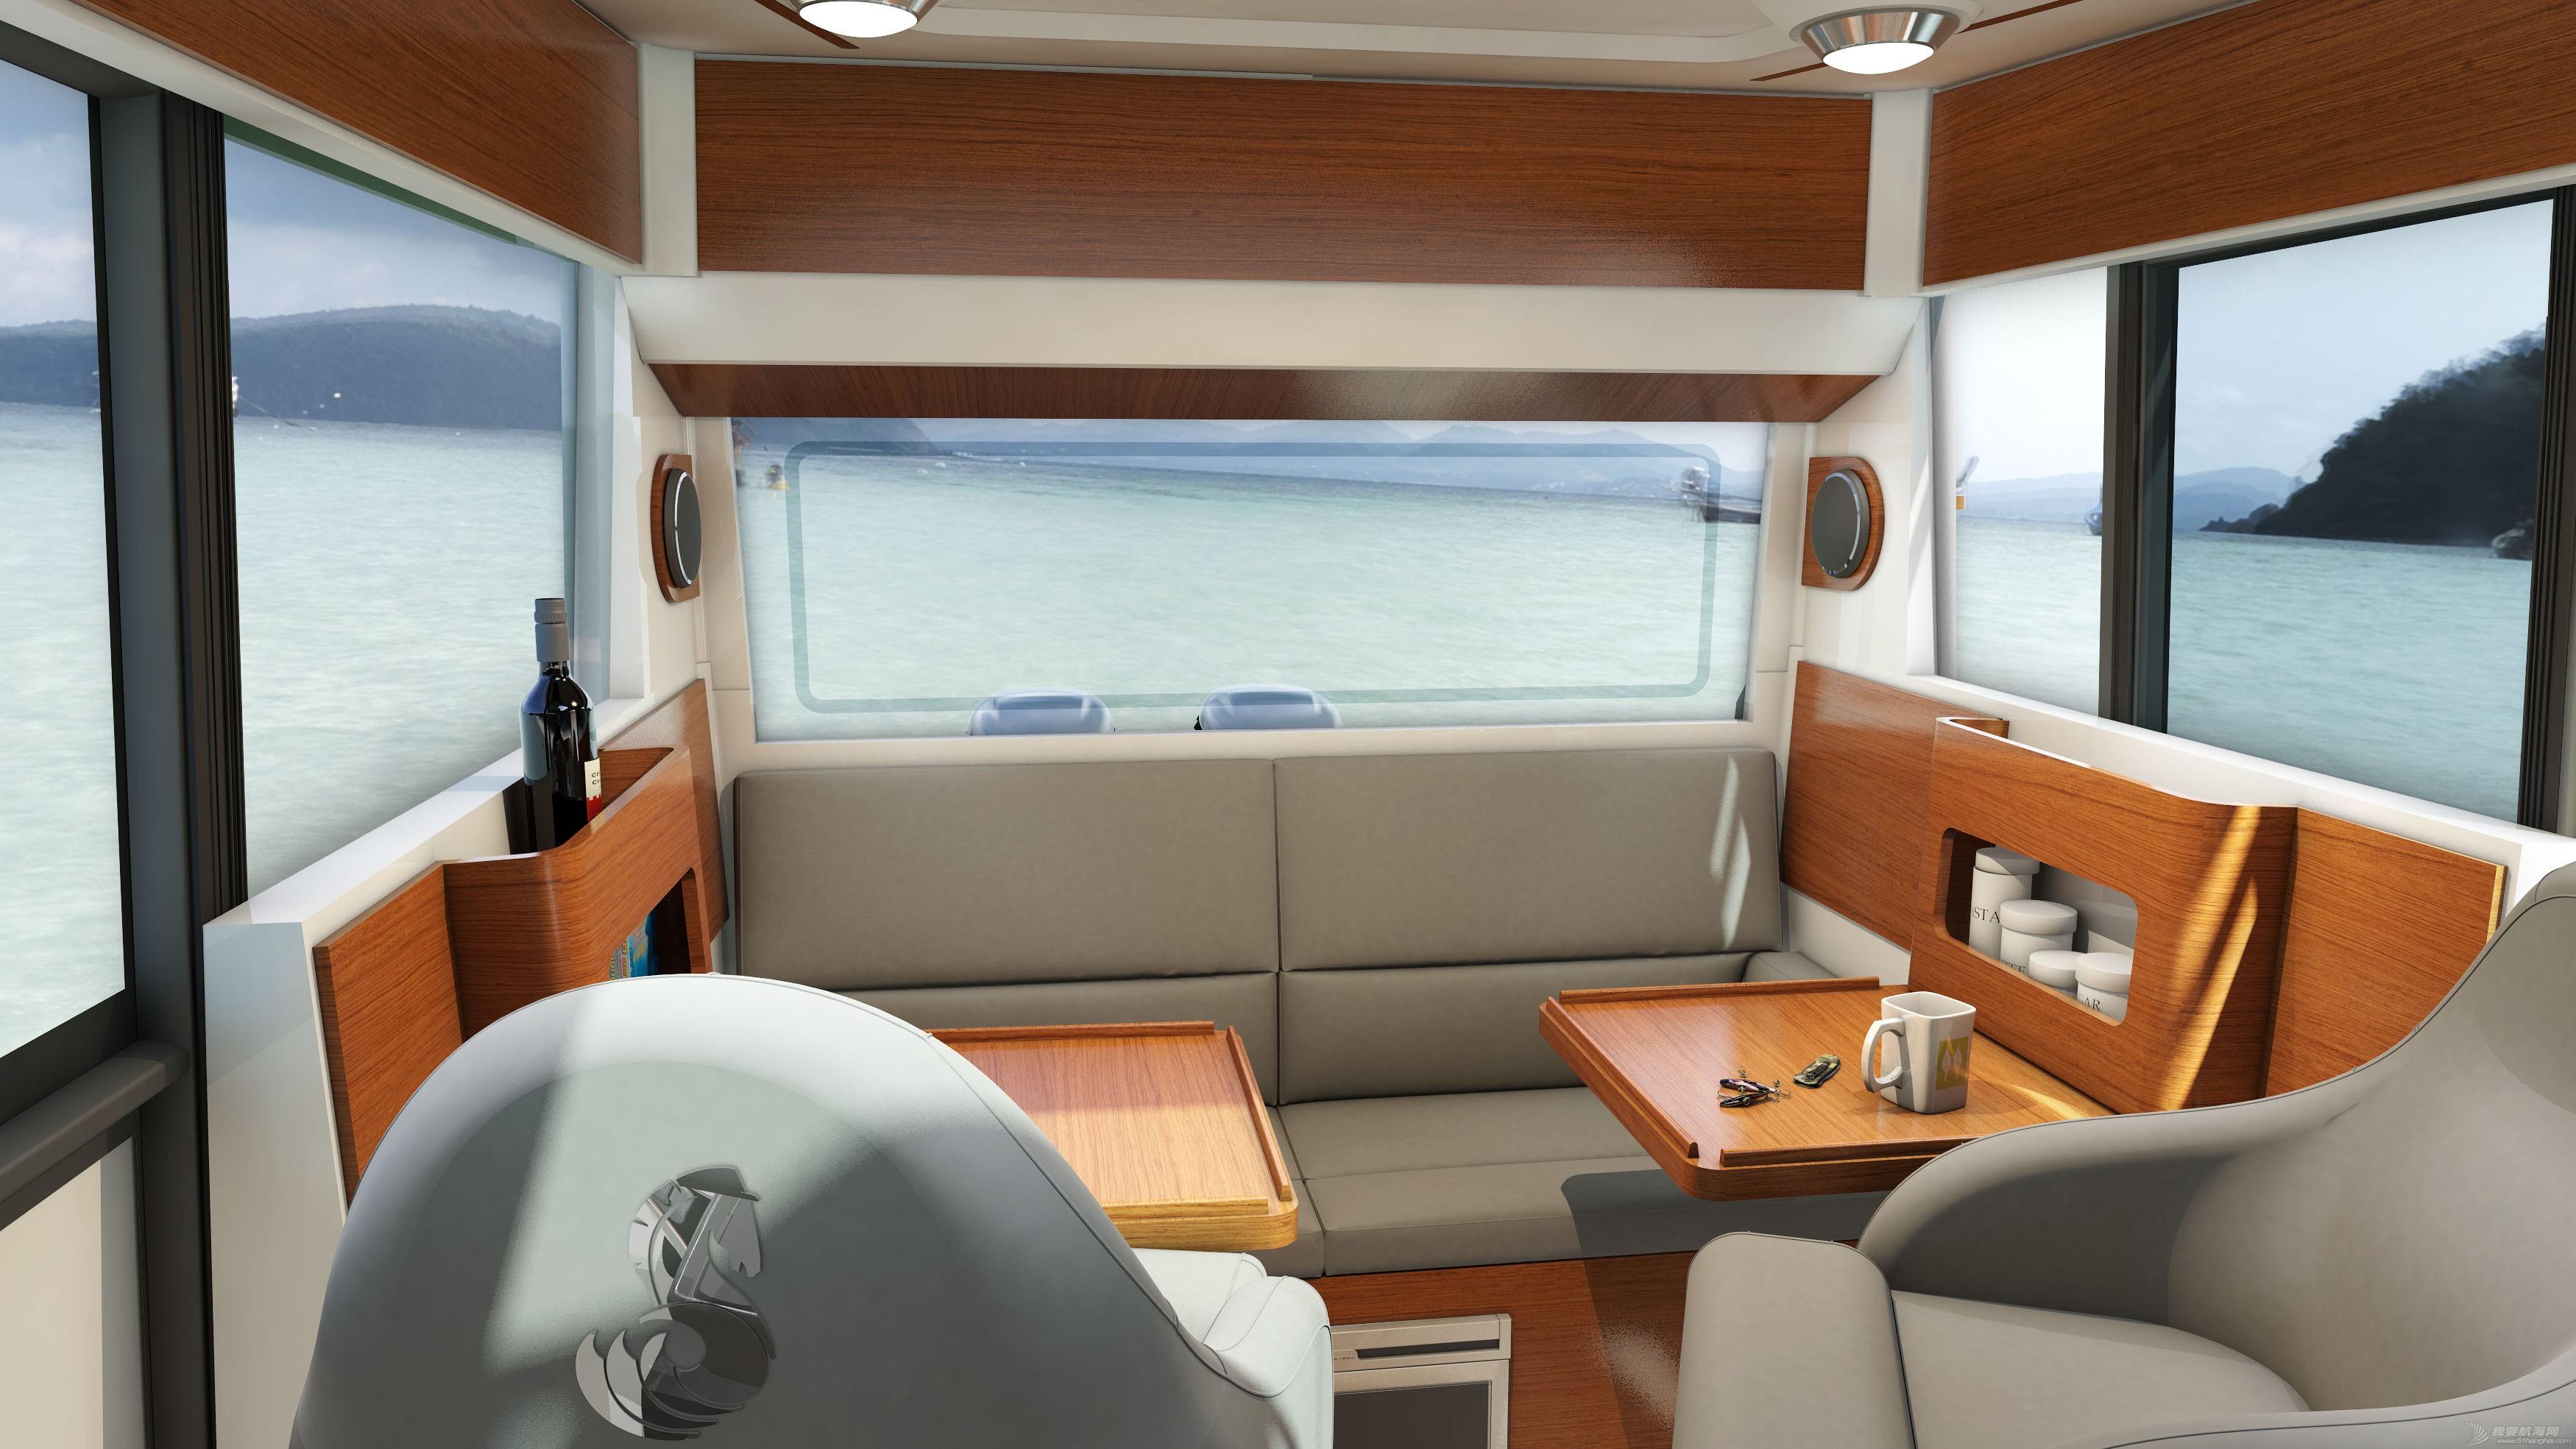 俱乐部 博纳多巴拉可达9全新现船出售--德菲娜游艇俱乐部 inter2.jpg